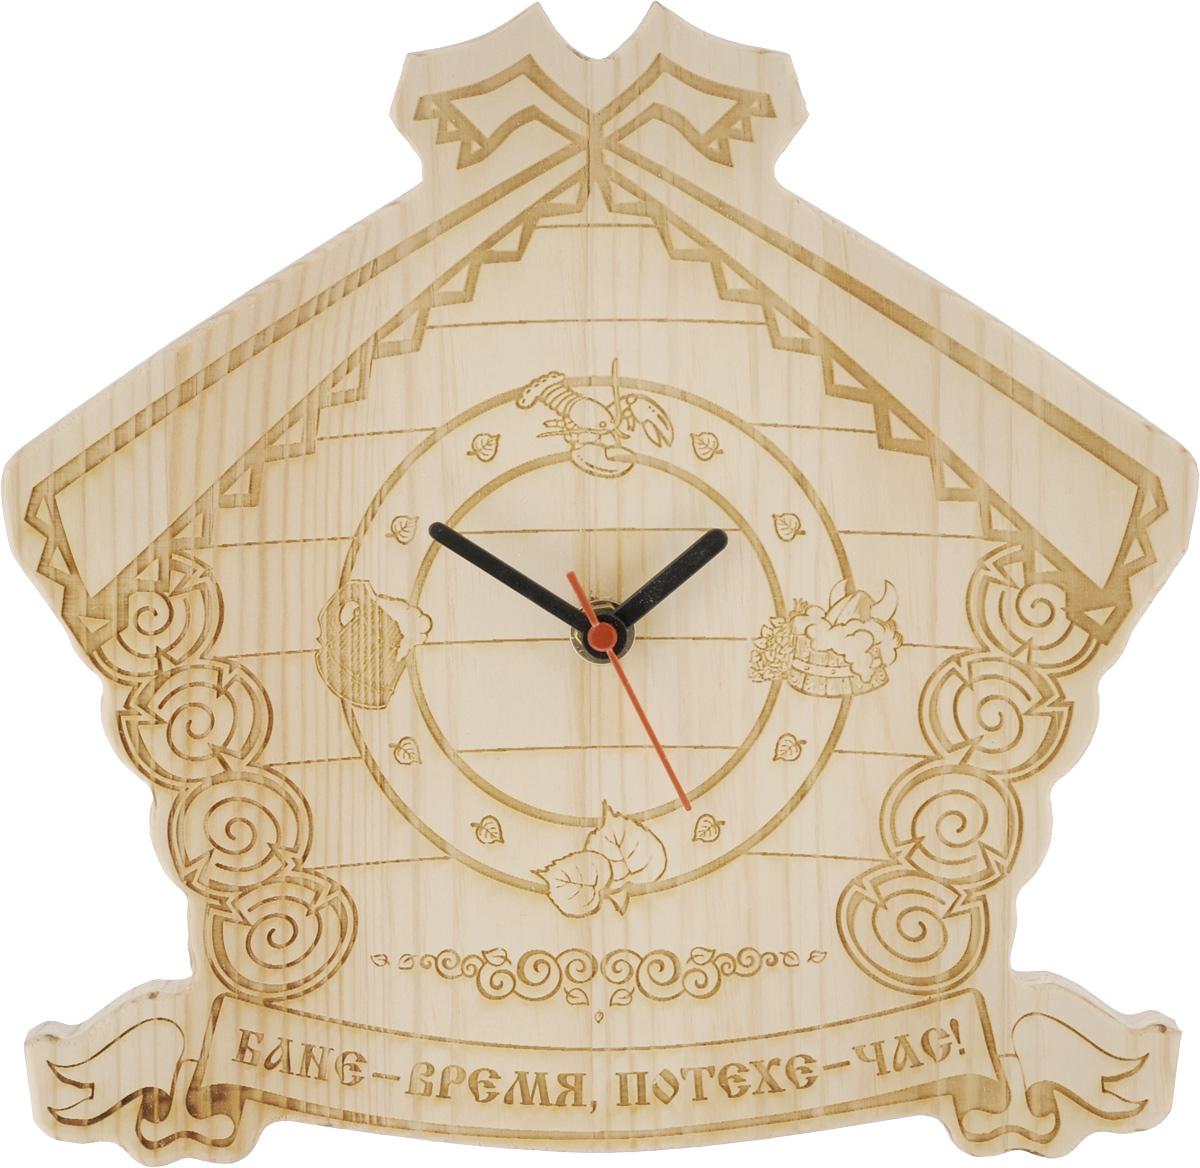 Часы настенные Доктор баня Домик, для бани и сауны. 904727SC - 27DНастенные часы Доктор баня, выполненные из дерева в виде домика, подчеркнут оригинальность интерьера вашей бани или сауны. Изделие декорировано фигурной резьбой. Циферблат оформлен изображением рака, пивной кружки, листьев и ушата с веником. Часы имеют три стрелки - часовую, минутную и секундную. Внизу расположена надпись: Бане - время, потехе - час!. Такие часы отлично дополнят интерьер бани и послужат прекрасным подарком для всех ценителей банных процедур. С обратной стороны часов имеется отверстие для подвешивания на стену. Часы работают от 1 батарейки типа АА (в комплект не входит).